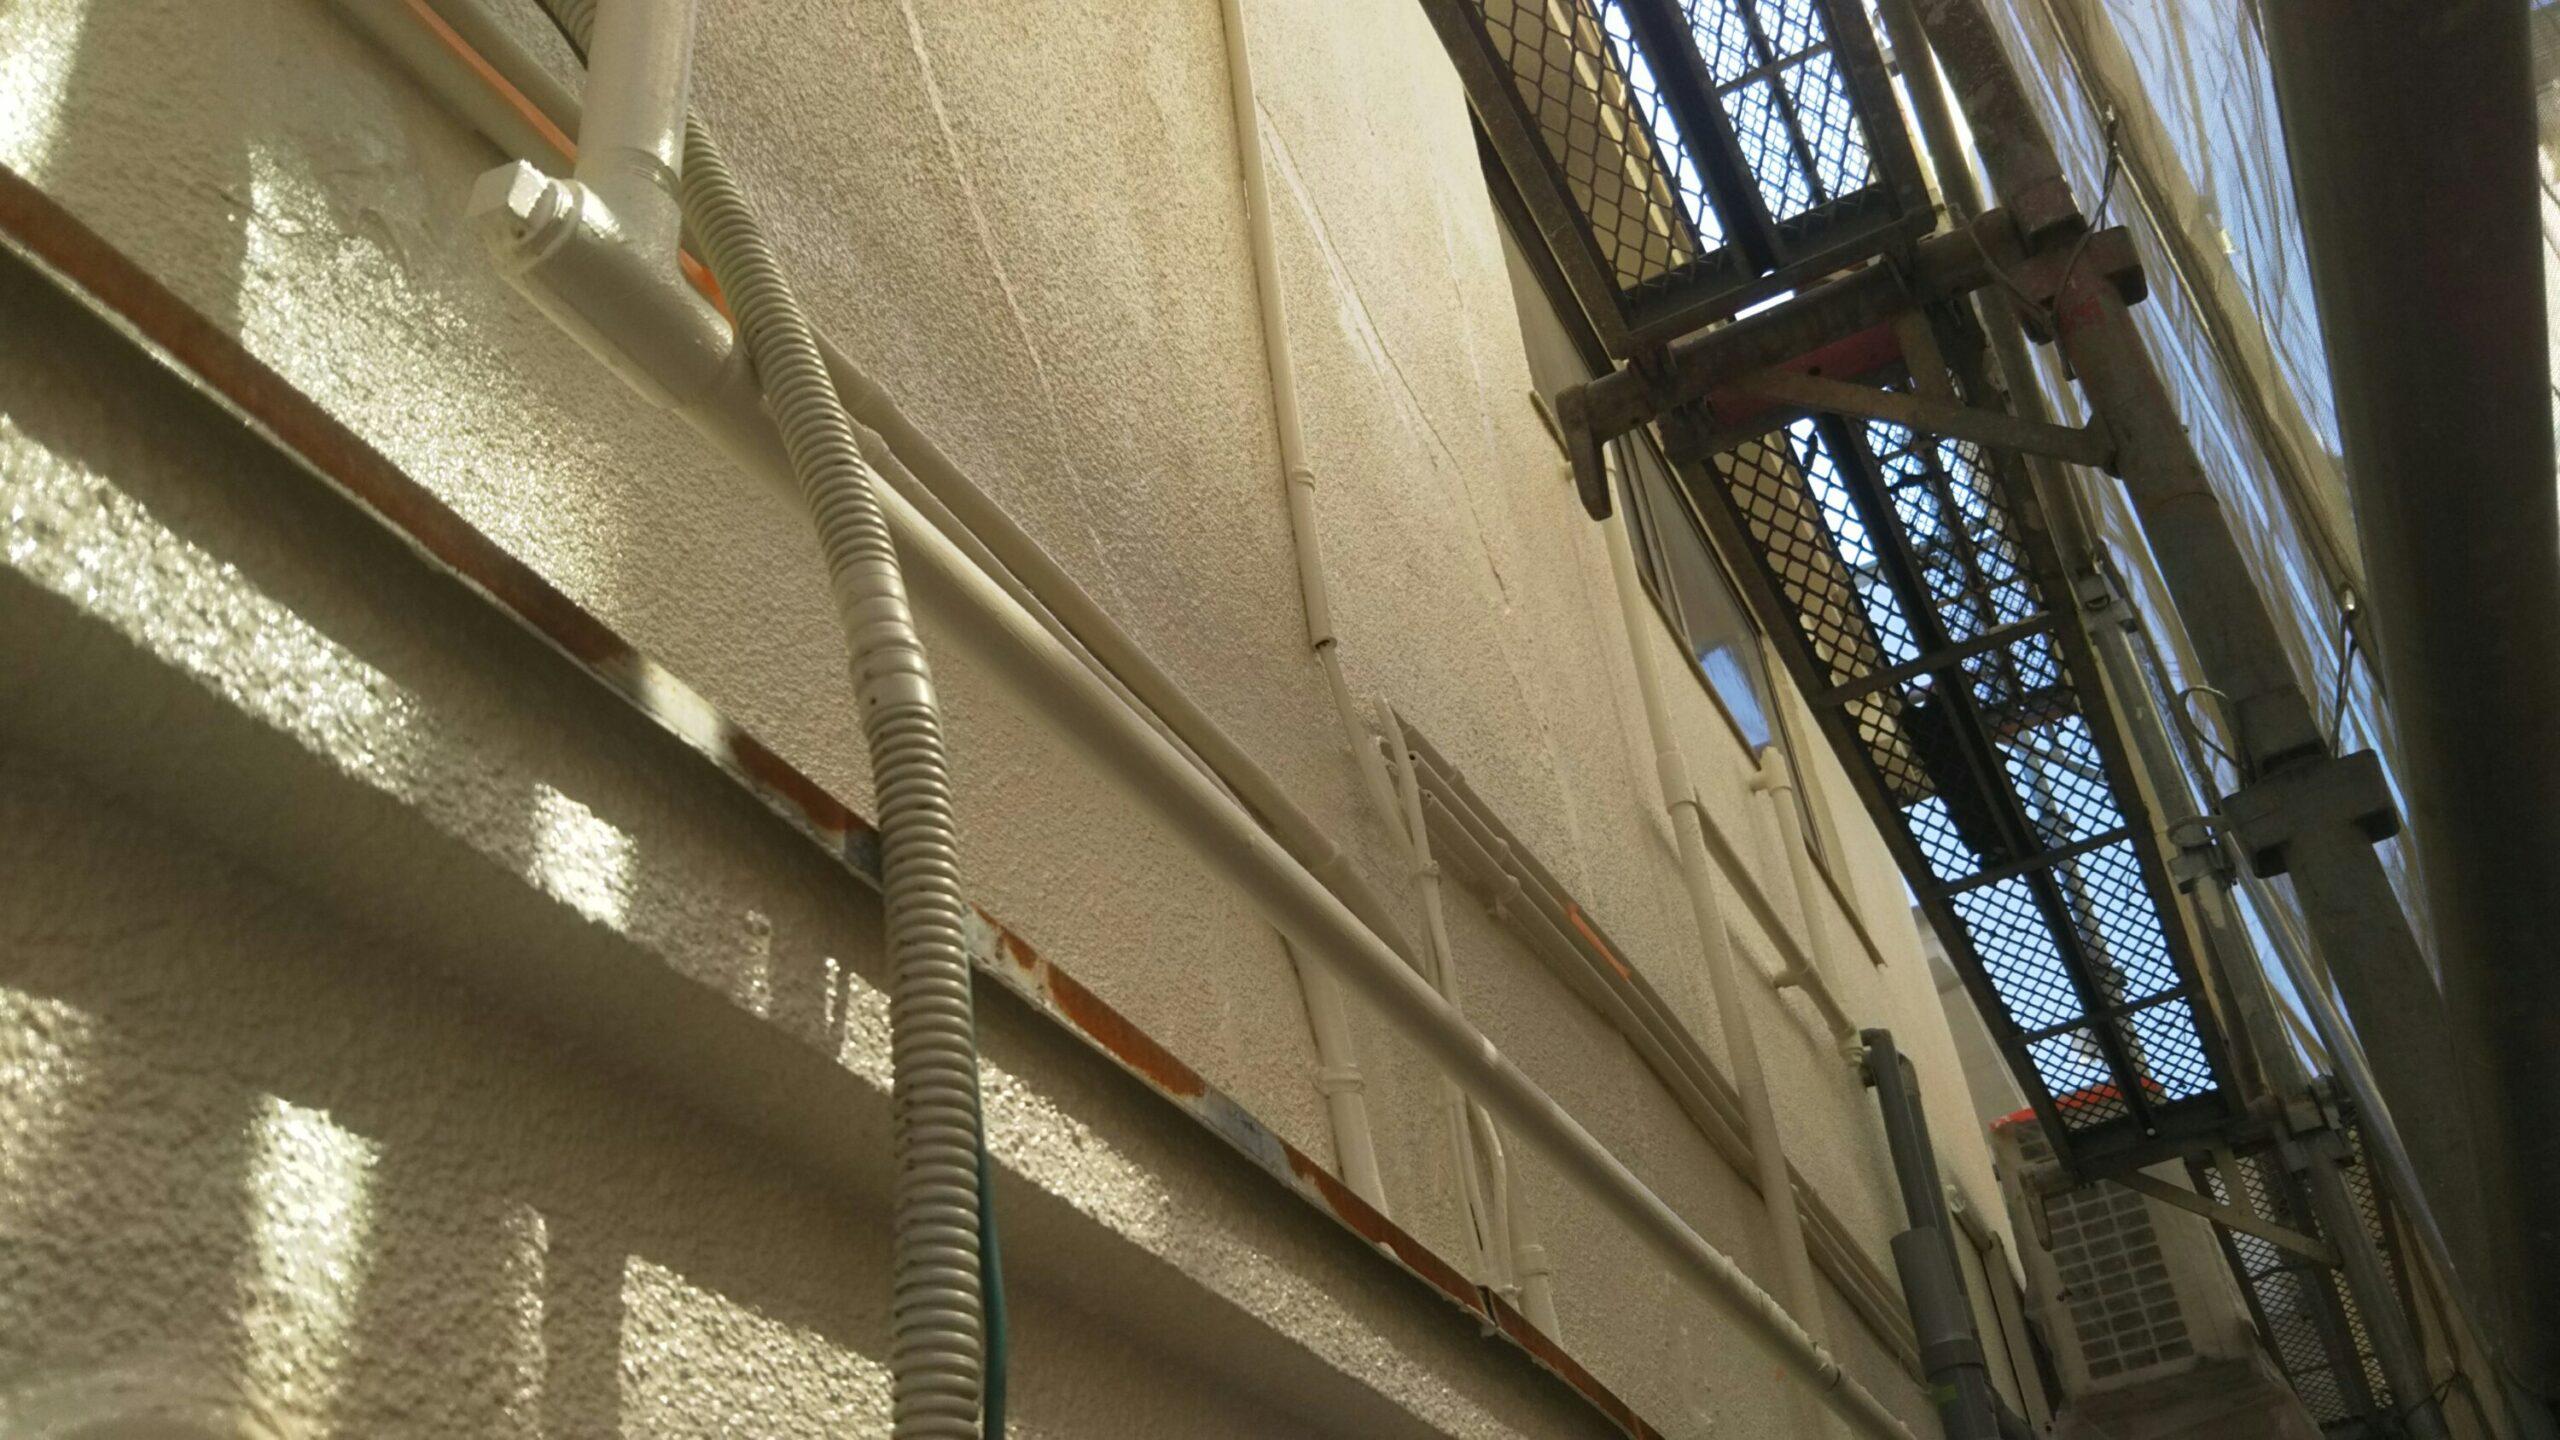 埼玉県さいたま市桜区のF様邸(木造2階建て)にてサッシなどの掃除とタッチアップ作業